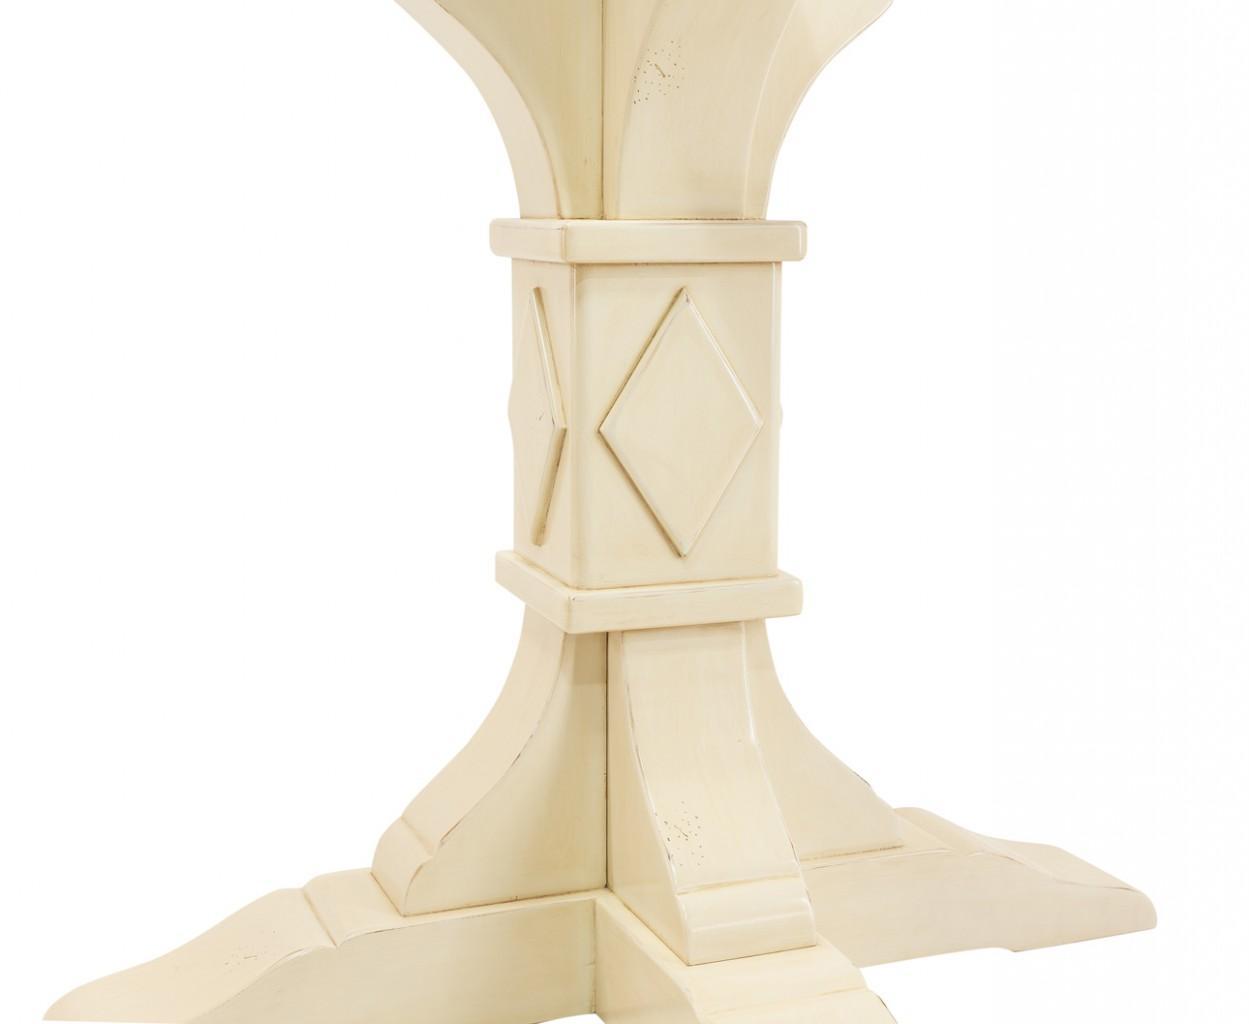 Esstisch mit Kreuzfuß Säulentisch in massiver Fichte lackiert ~ Esstisch Fichte